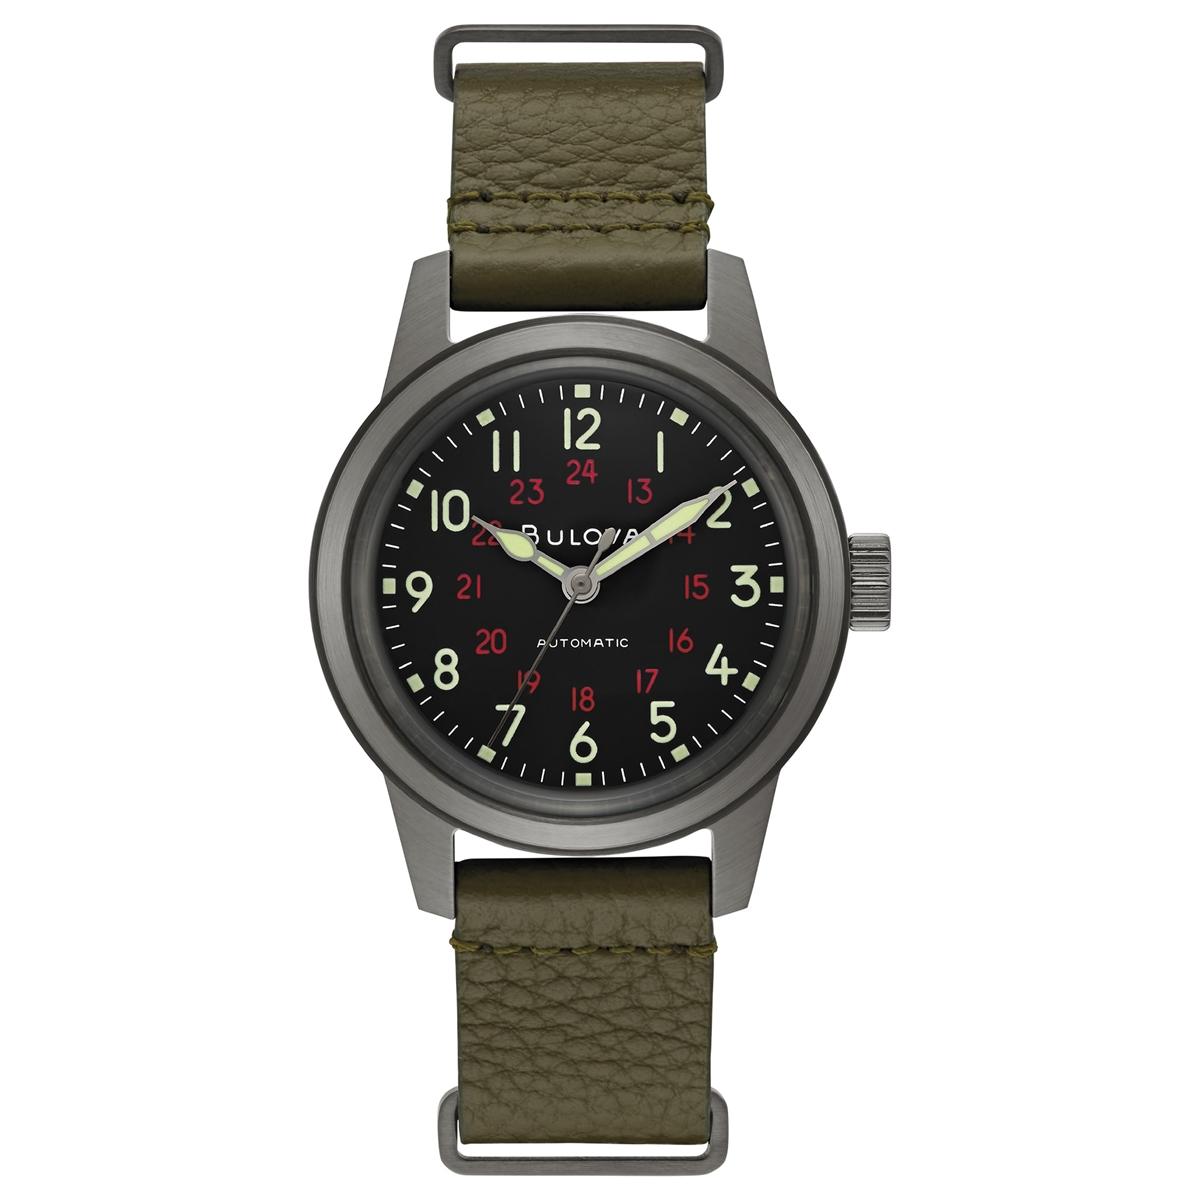 【5/10までオリジナルトラベルクロックをプレゼント】 ブローバ BULOVA 98A255 ミリタリー オートマチック 正規品 腕時計